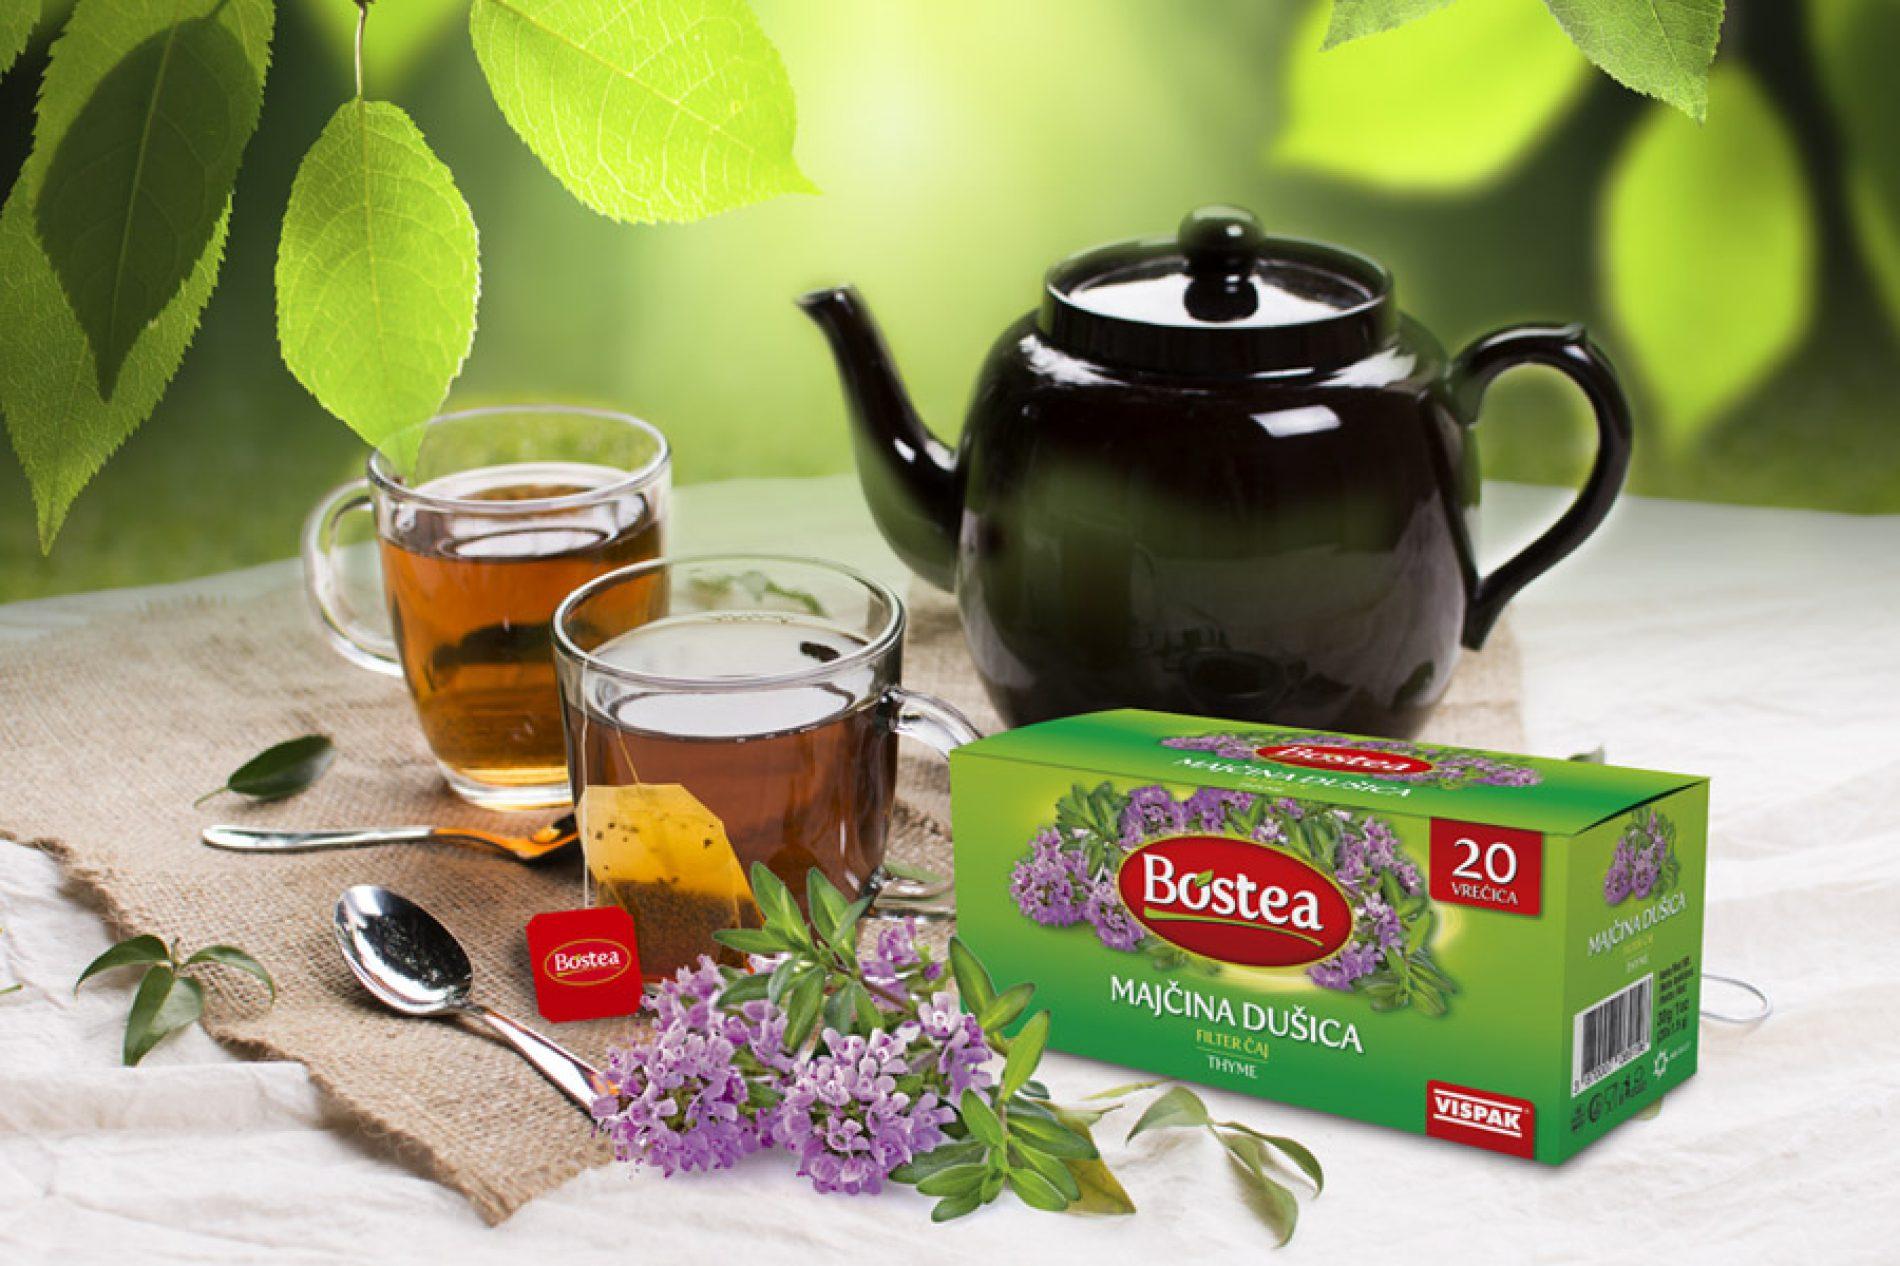 Bostea, novi domaći čaj iz Vispaka u šest okusa